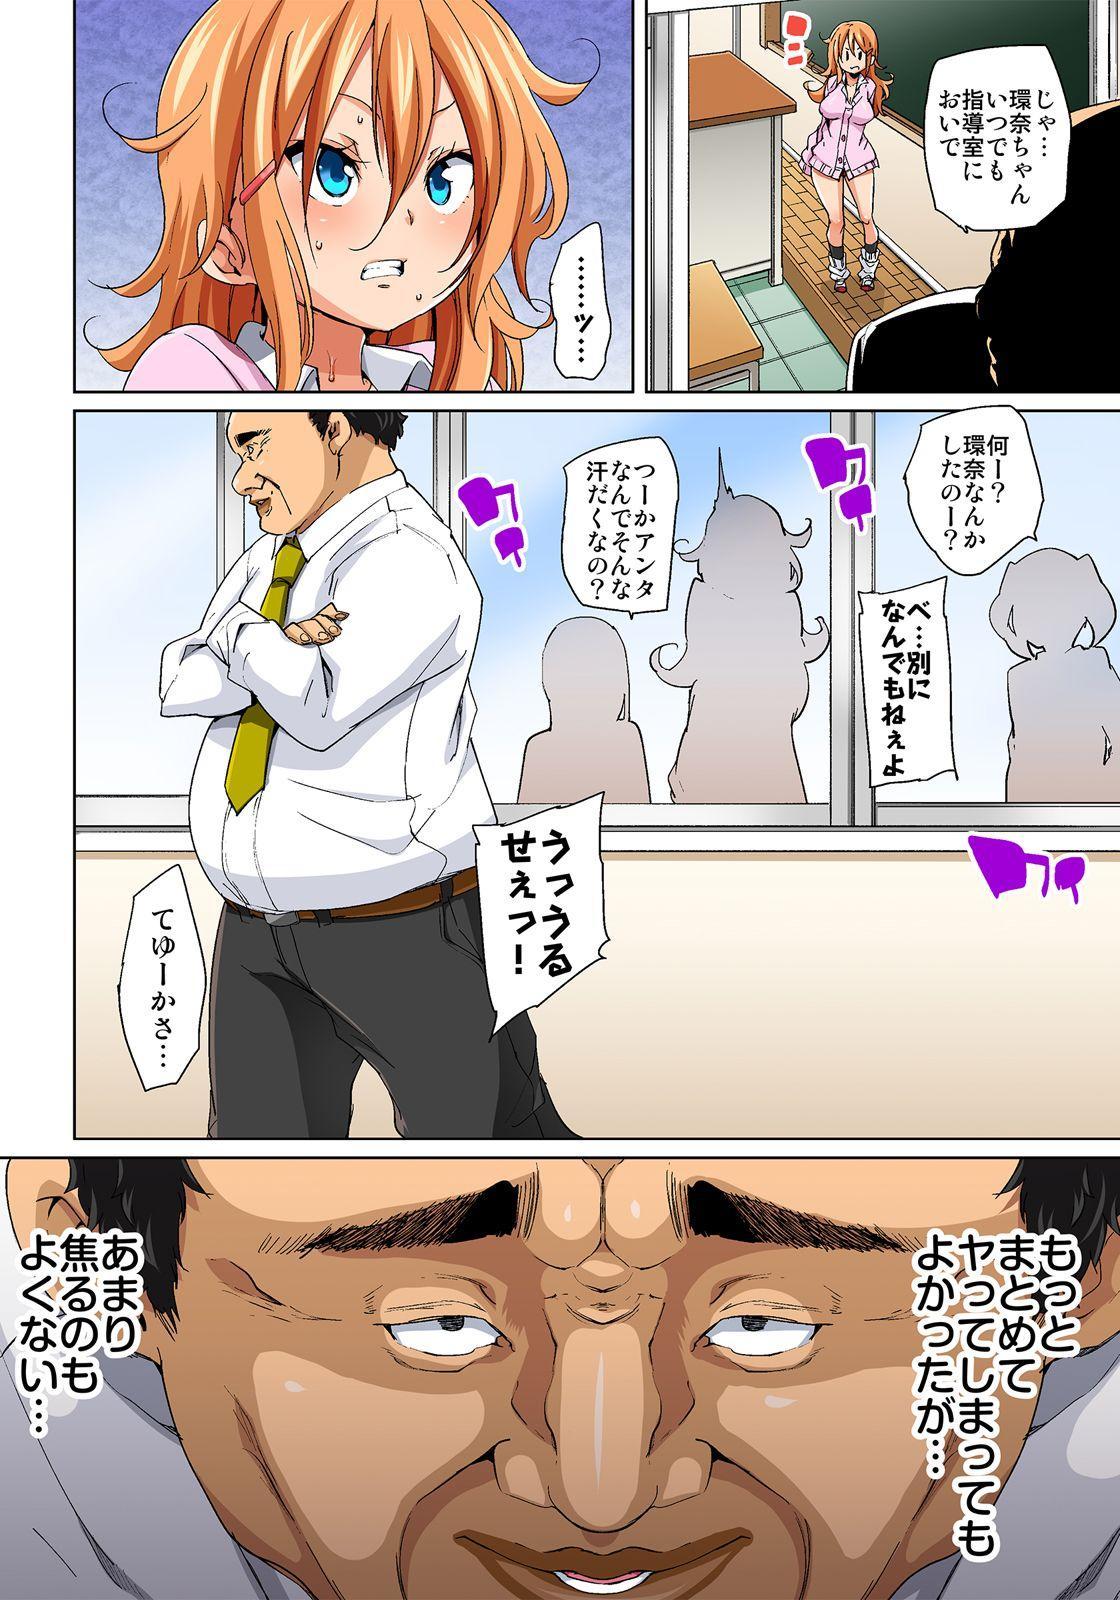 [Marui Maru] Hattara Yarechau!? Ero Seal ~Wagamama JK no Asoko o Tatta 1-mai de Dorei ni~ 1-14 [Digital] 171